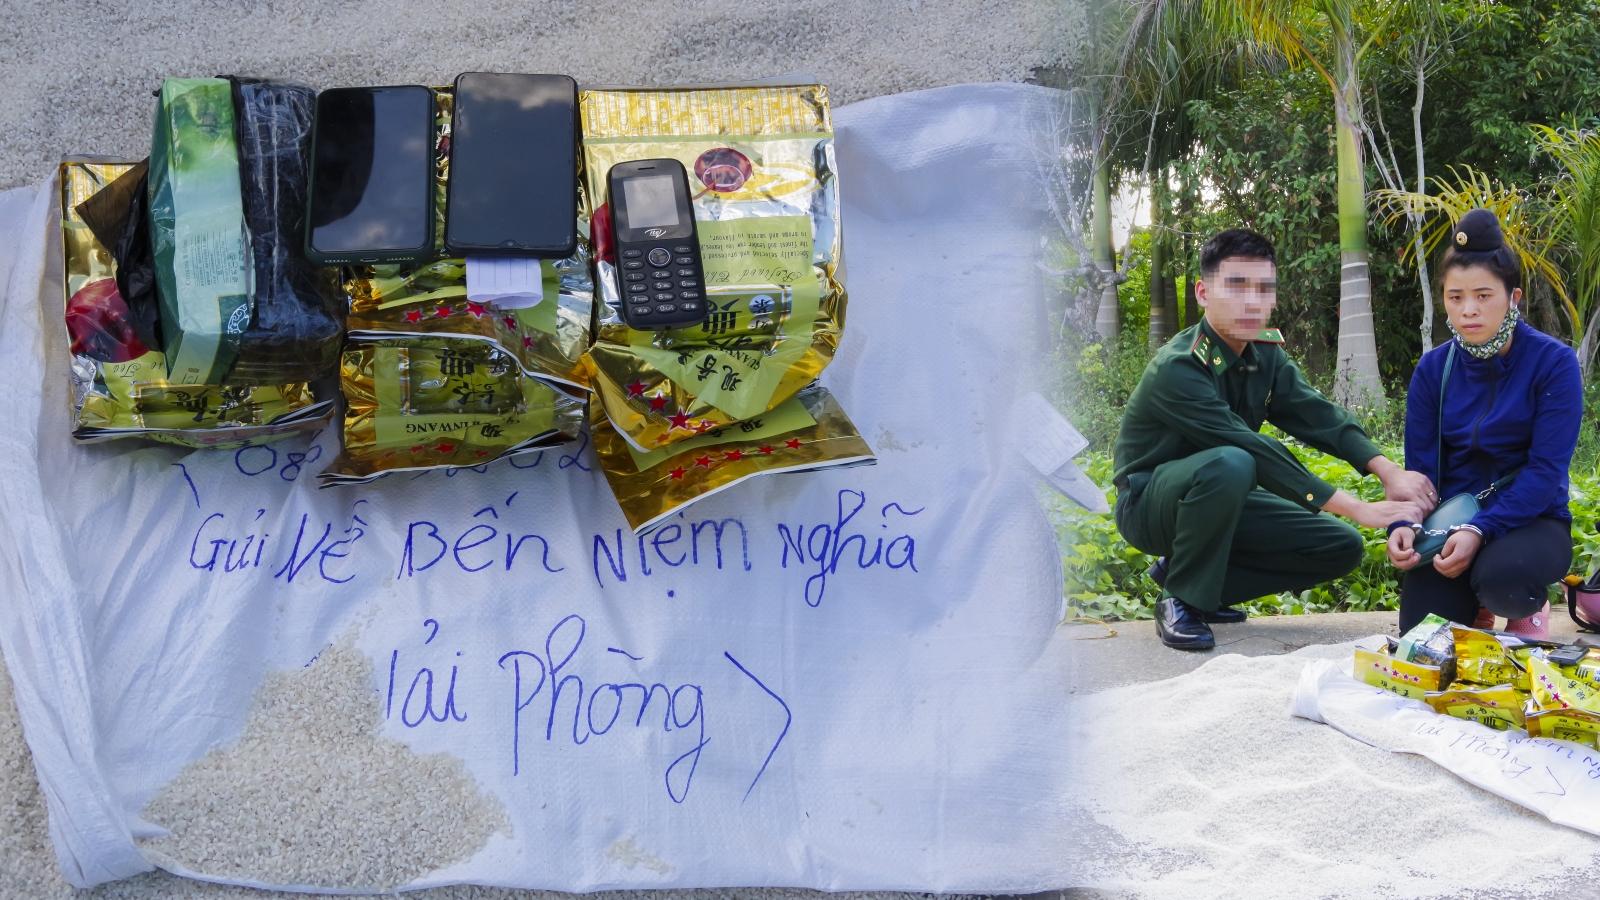 Nữ 9X bị bắt khi vận chuyển 6kg ma tuý đá để lấy 5 triệu đồng tiền công